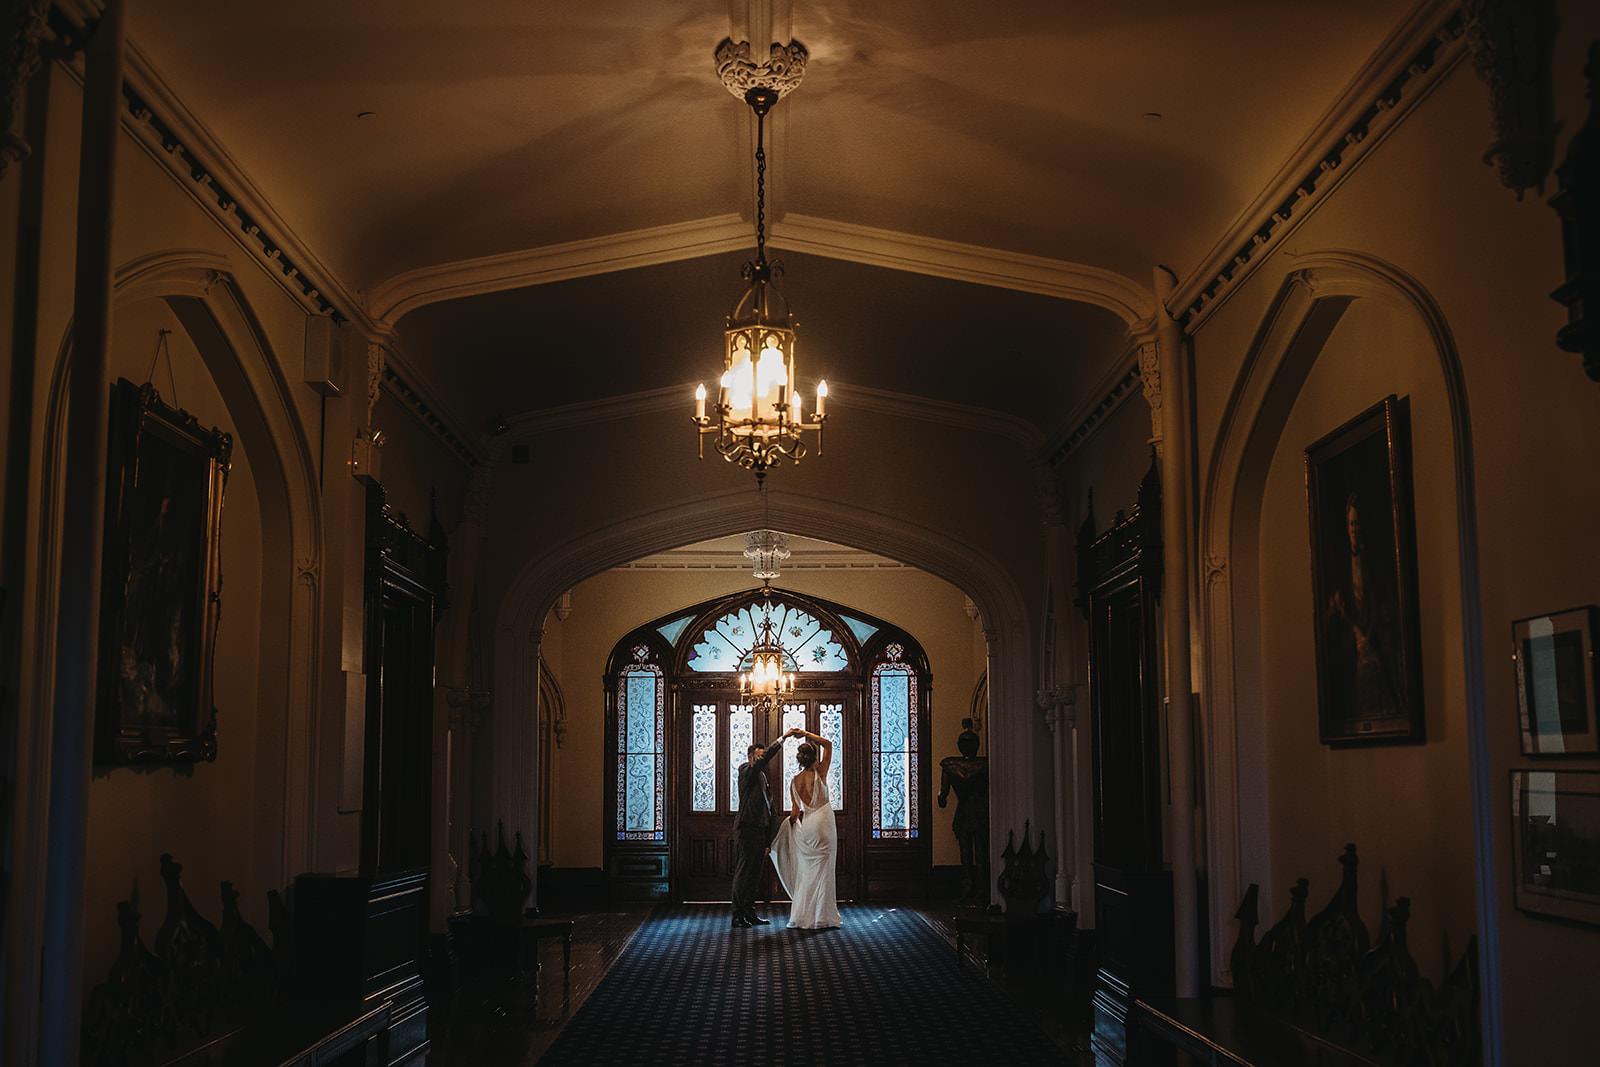 indoor photography locations in Toronto, natural light studios in Toronto, indoor wedding photography Toronto